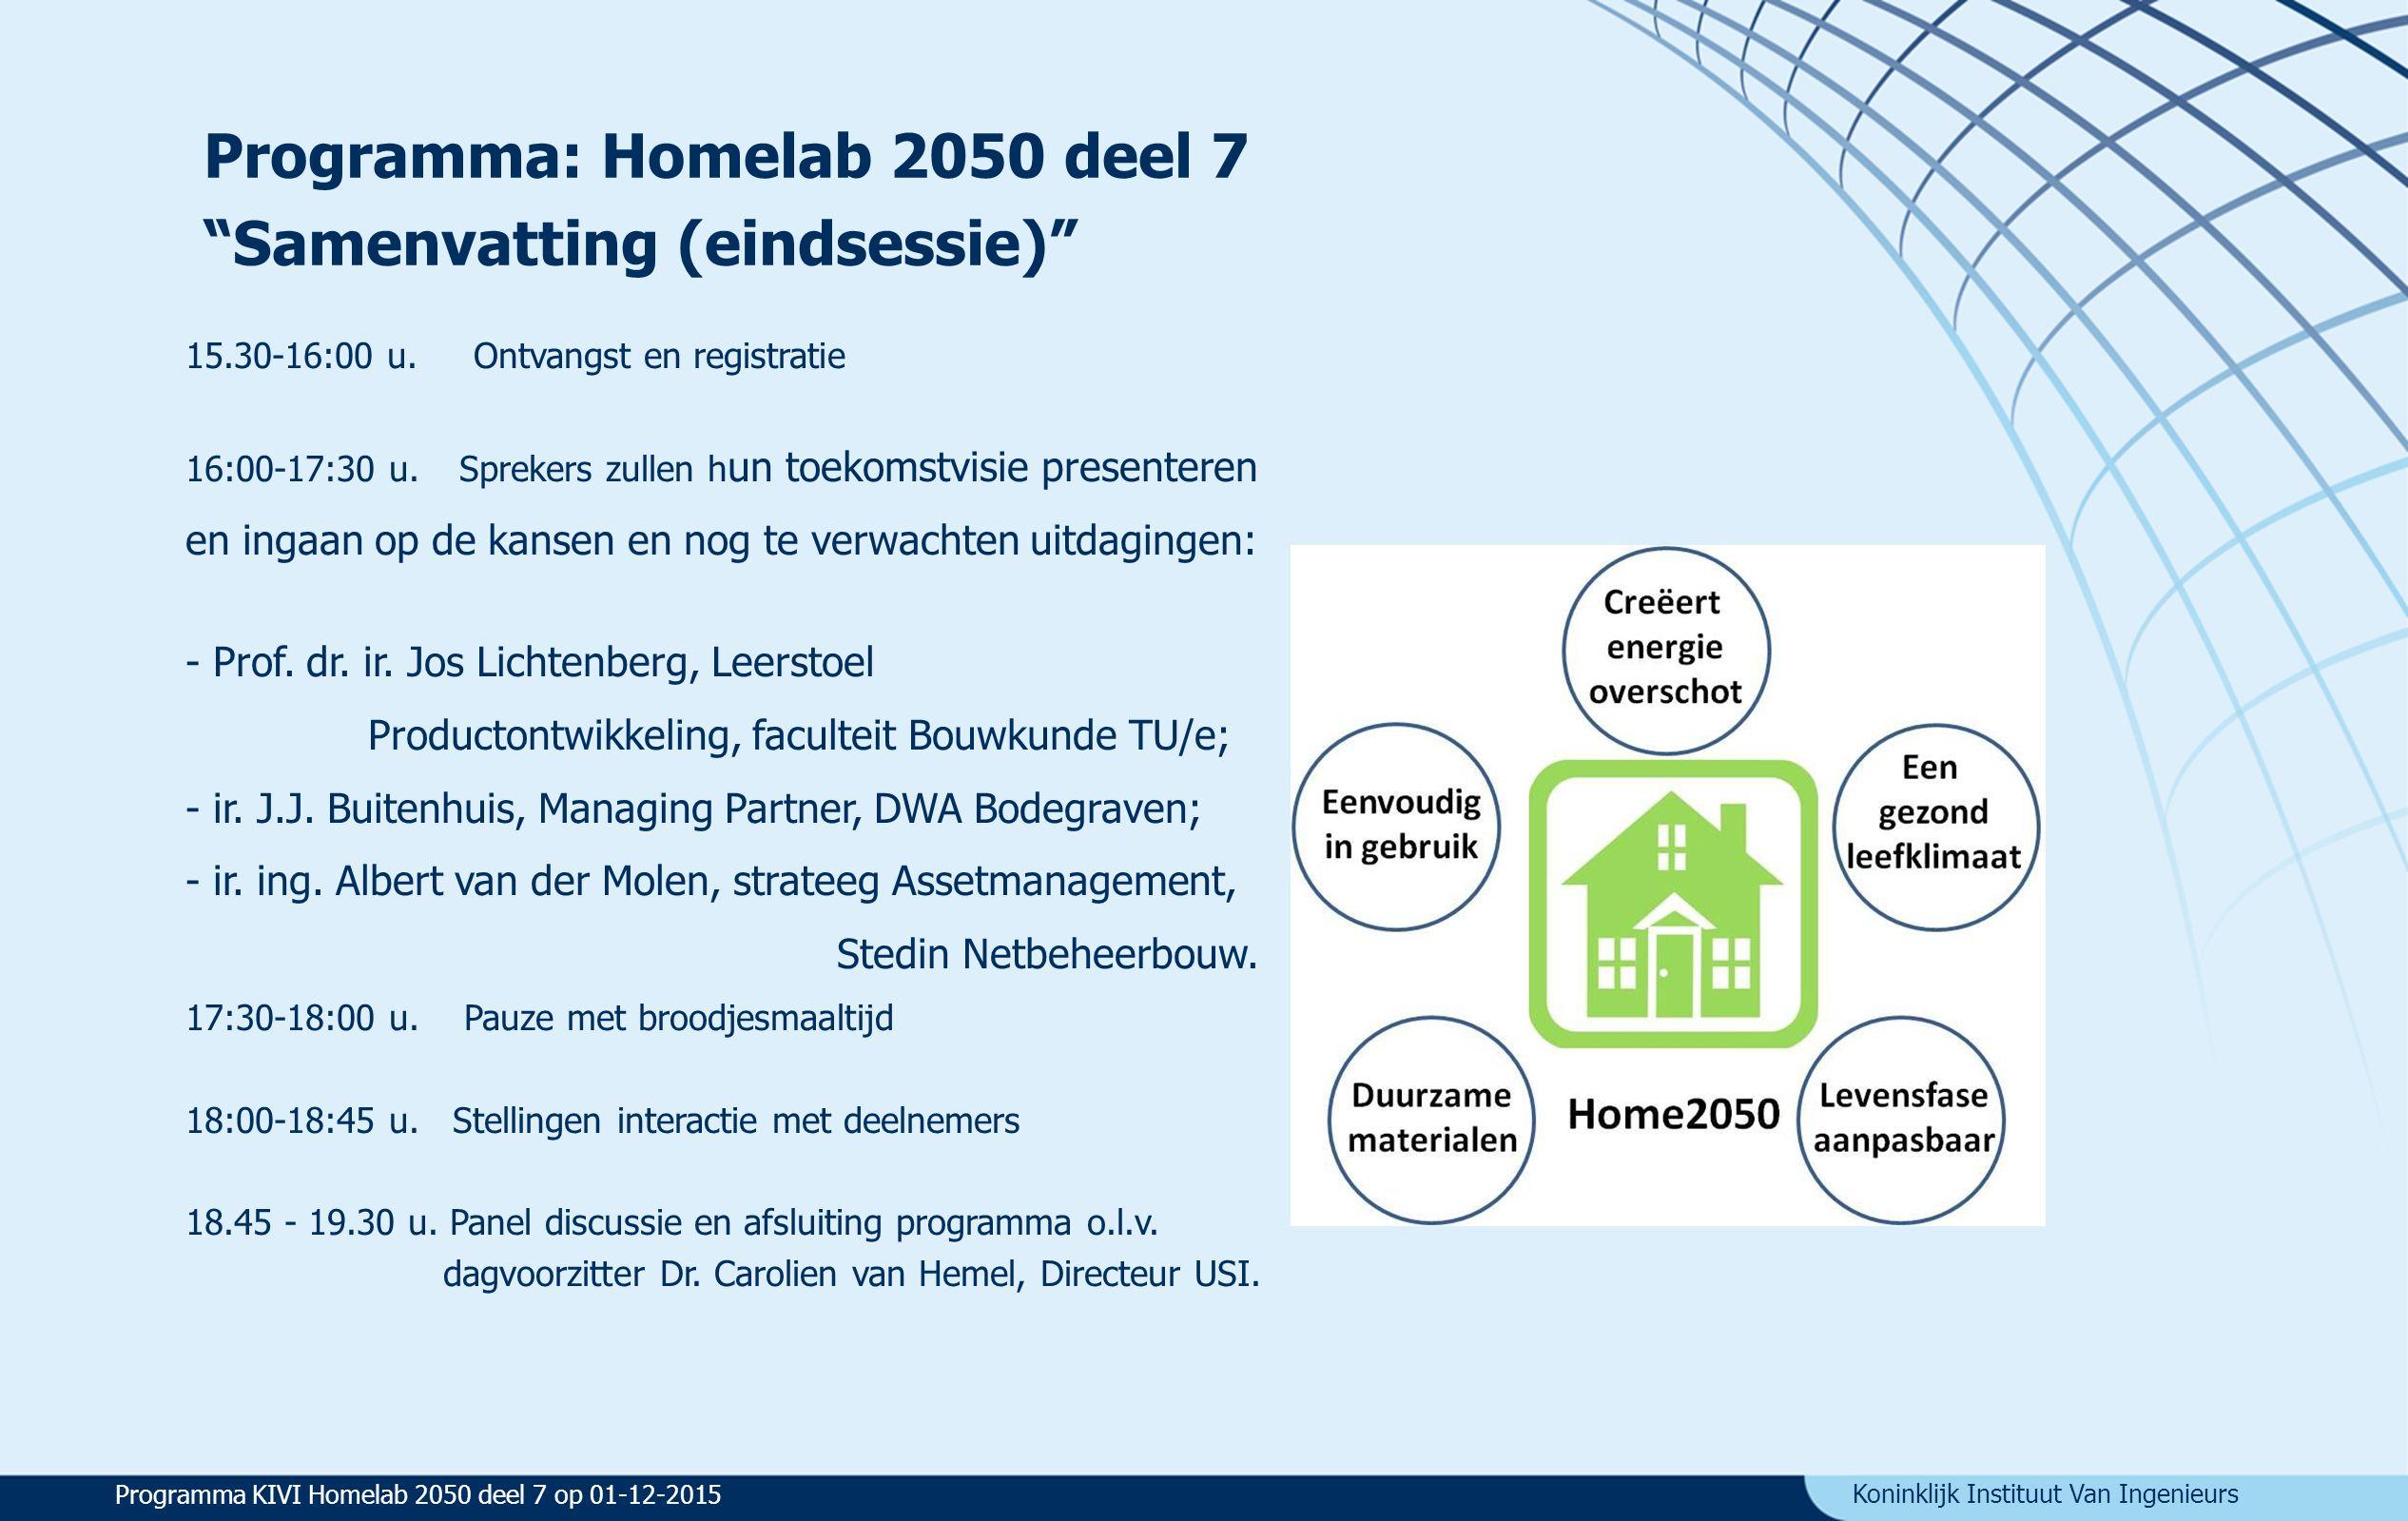 Koninklijk Instituut Van Ingenieurs Stellingen voor: Hoe goed is de woning in 2050? Eindsessie programma Homelab2050 Programma KIVI Homelab 2050 deel 7 op 01-12-2015